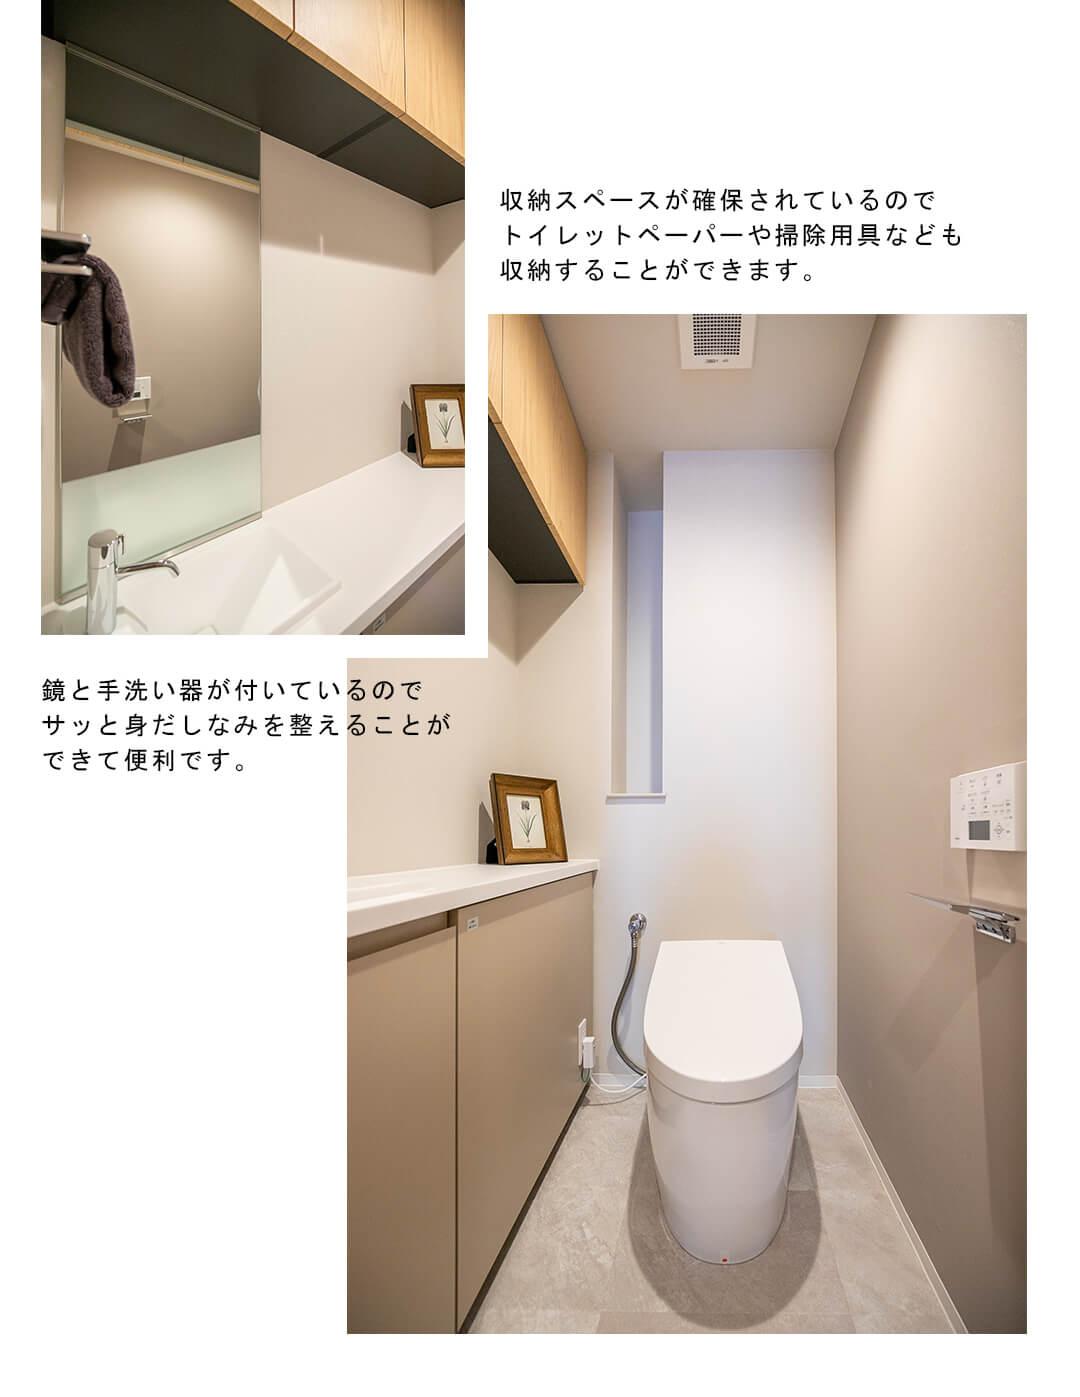 幡ヶ谷ハイムグランシスのトイレ